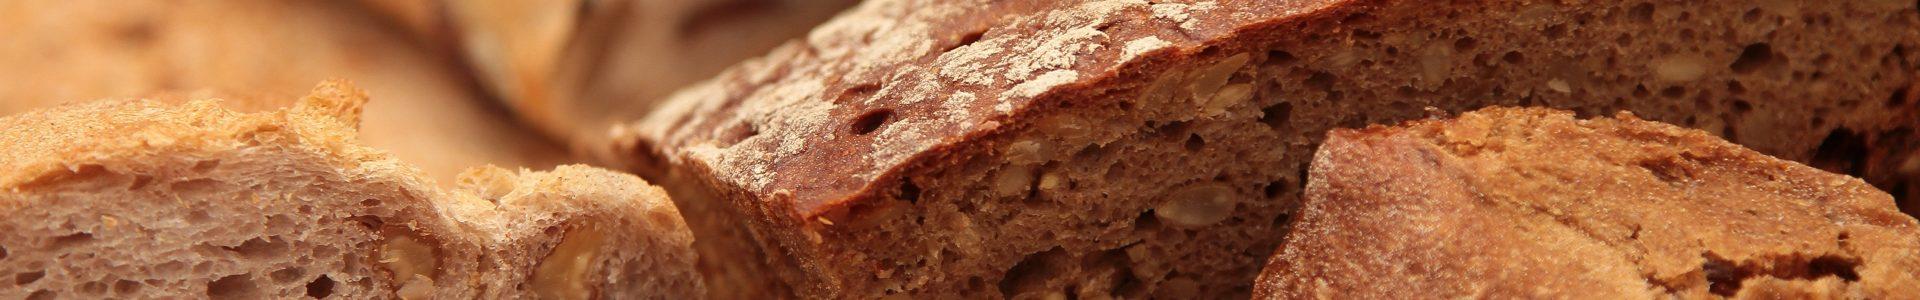 bread-399286